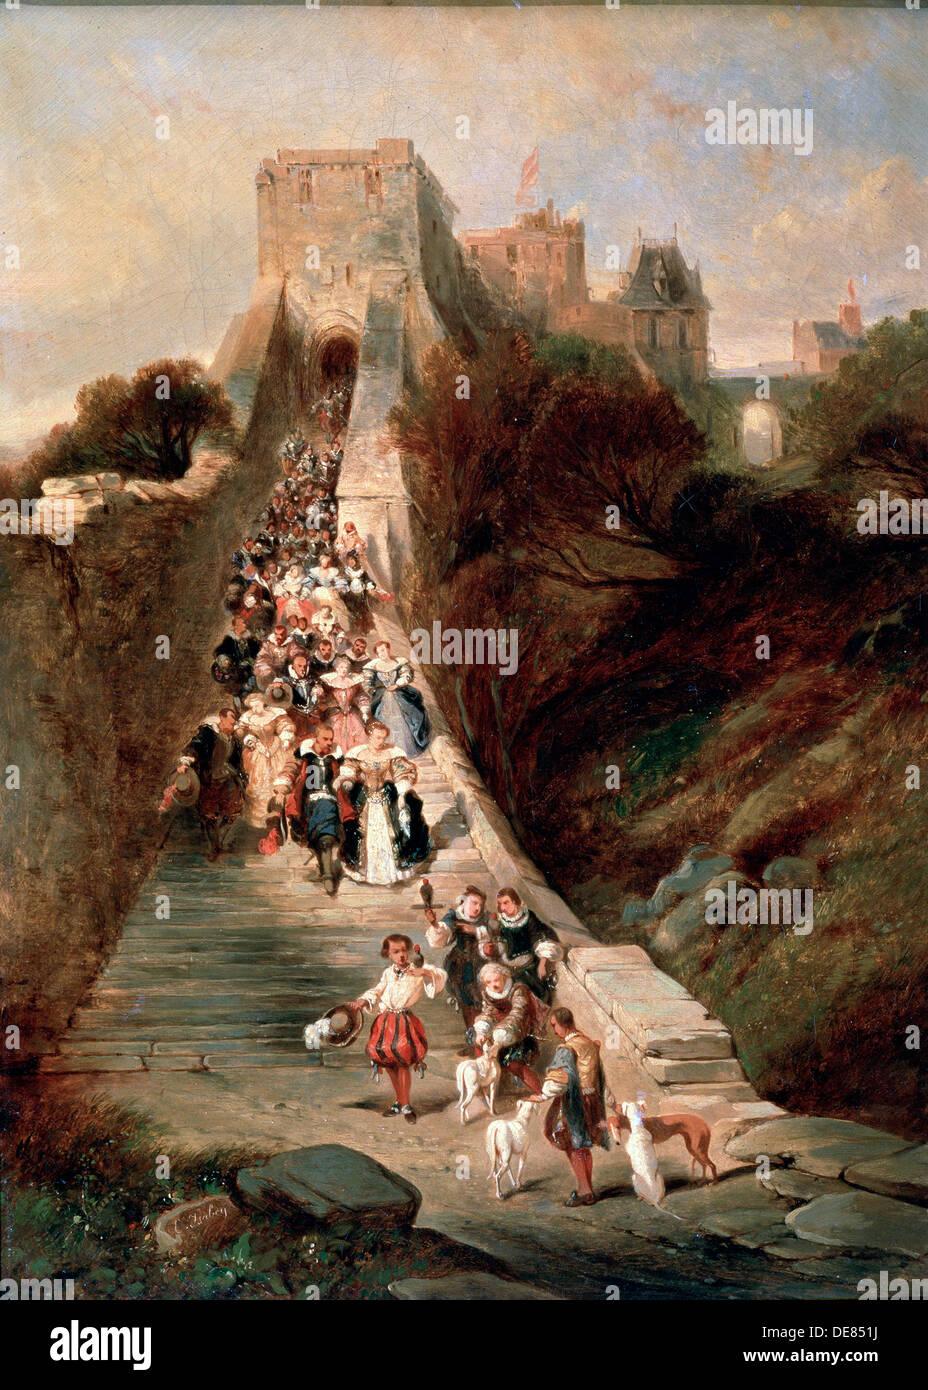 """""""Dejando el Castillo"""", del siglo XIX. Artista: Eugène Isabey Imagen De Stock"""